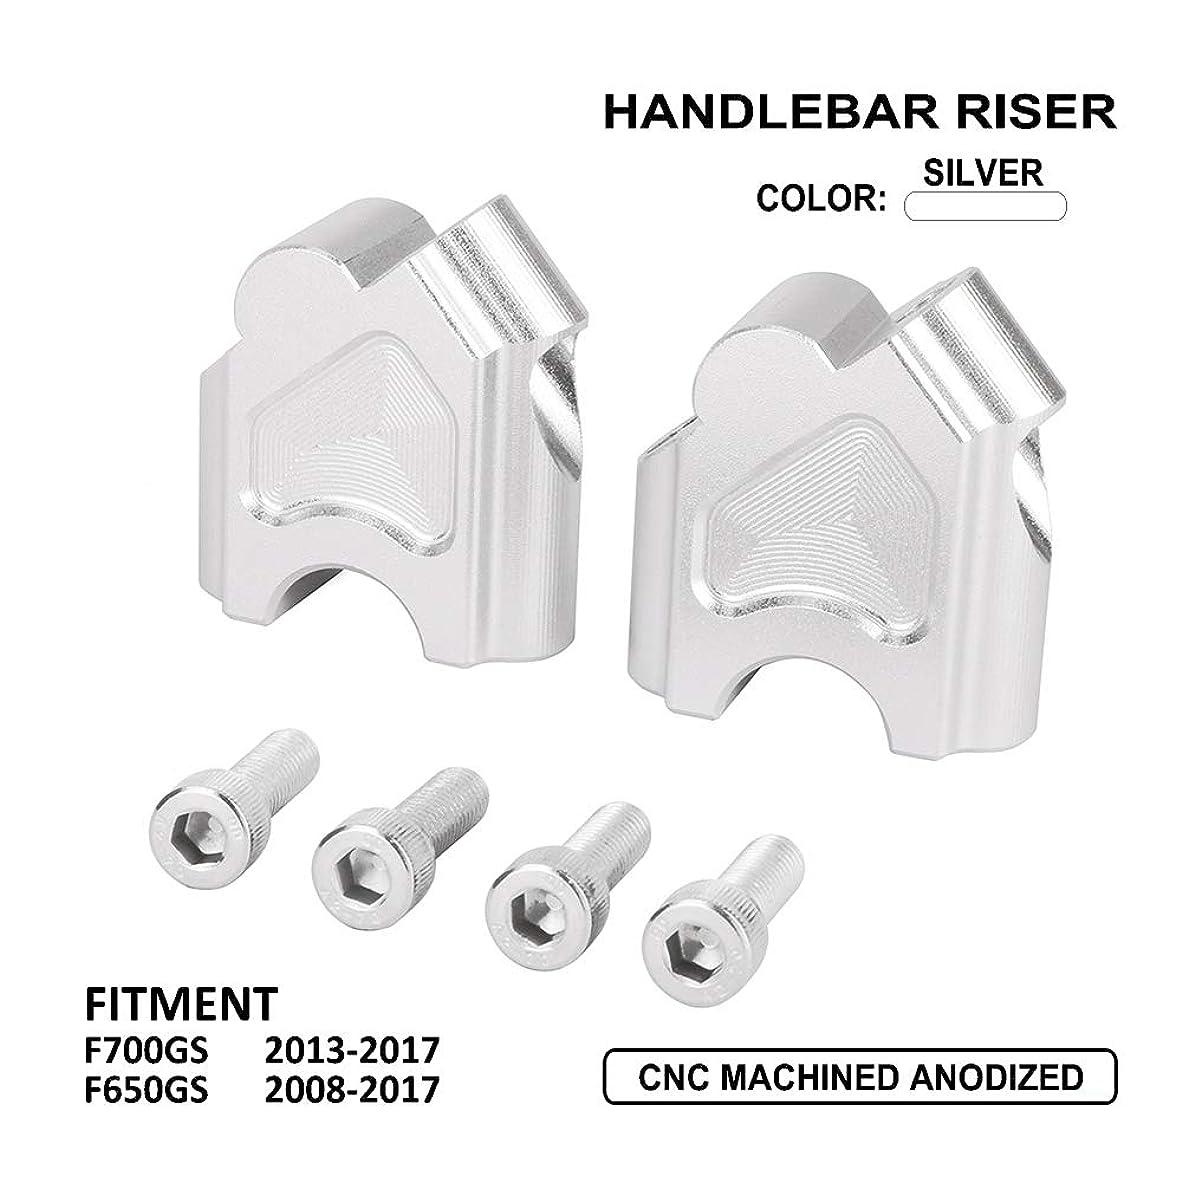 スリチンモイプラスチックマイルドホンダ 用 CRF1000L Africa Twin アップ ハンドルバー ライザー 44mmアップ ハンドルアップキット シルバー